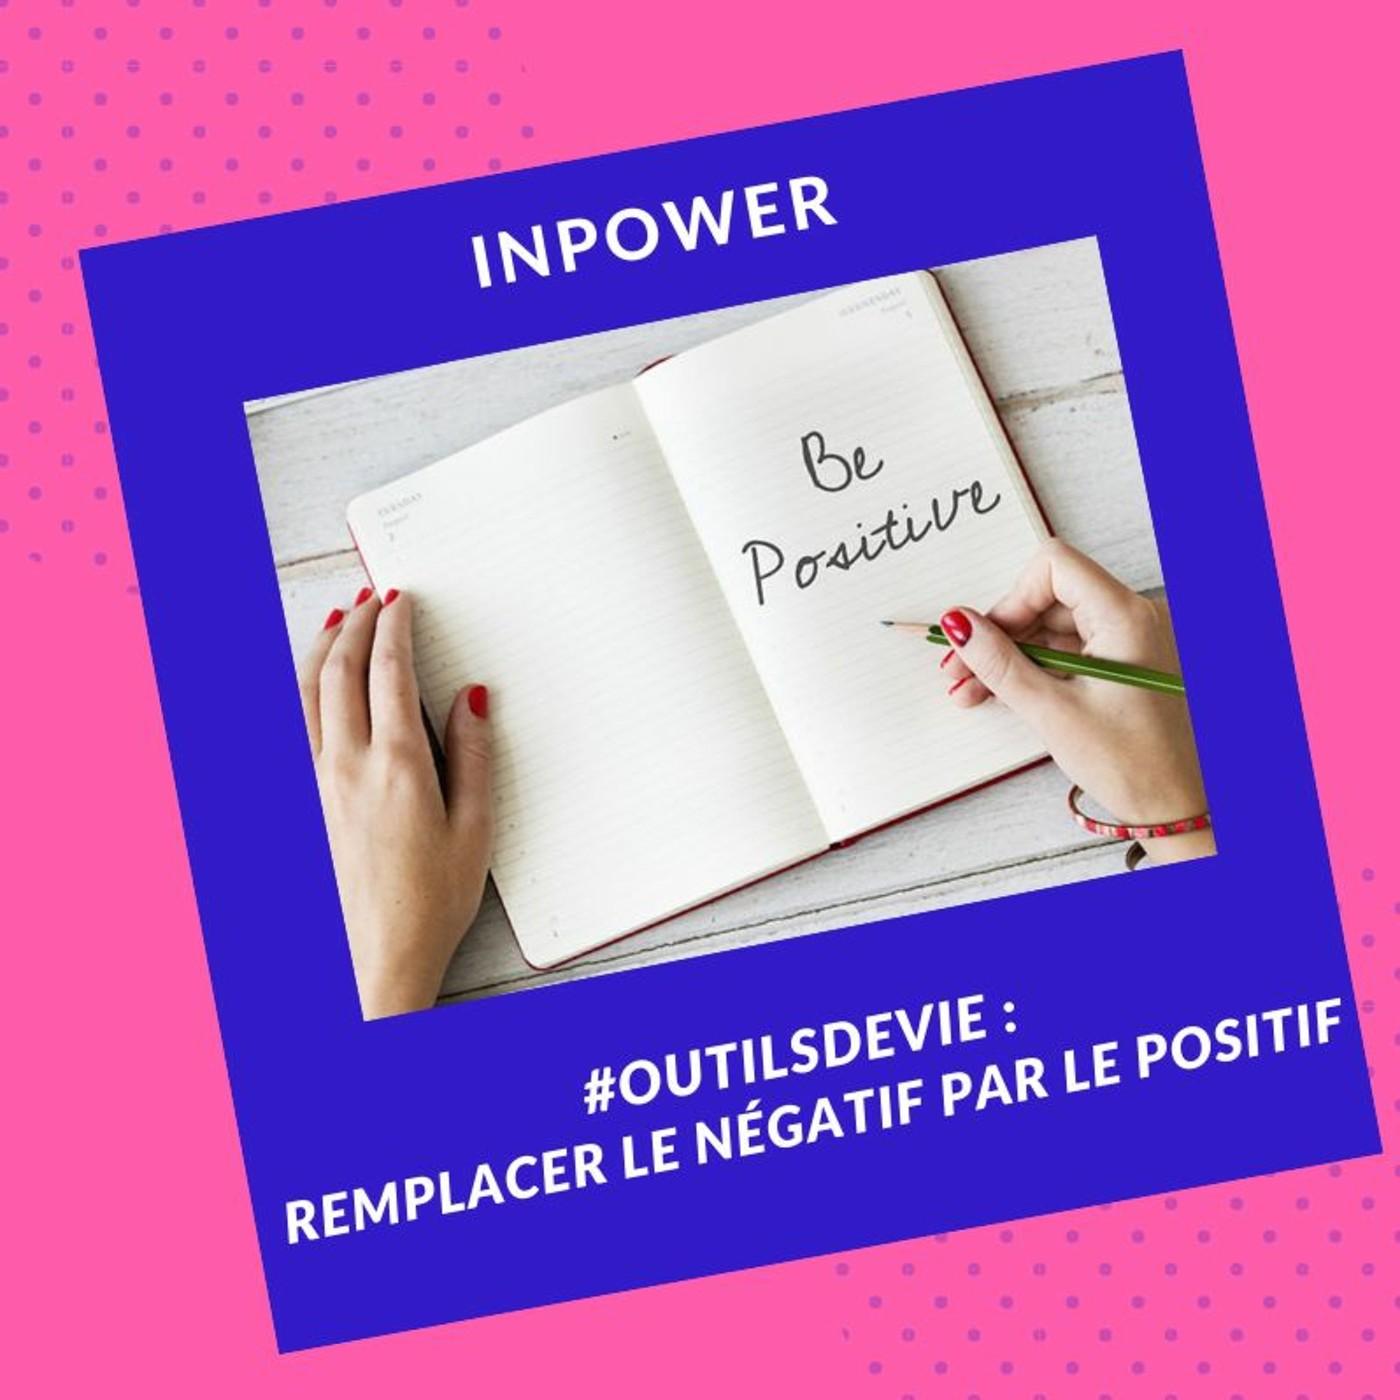 #OutilDeVie - Remplacer le négatif par le positif